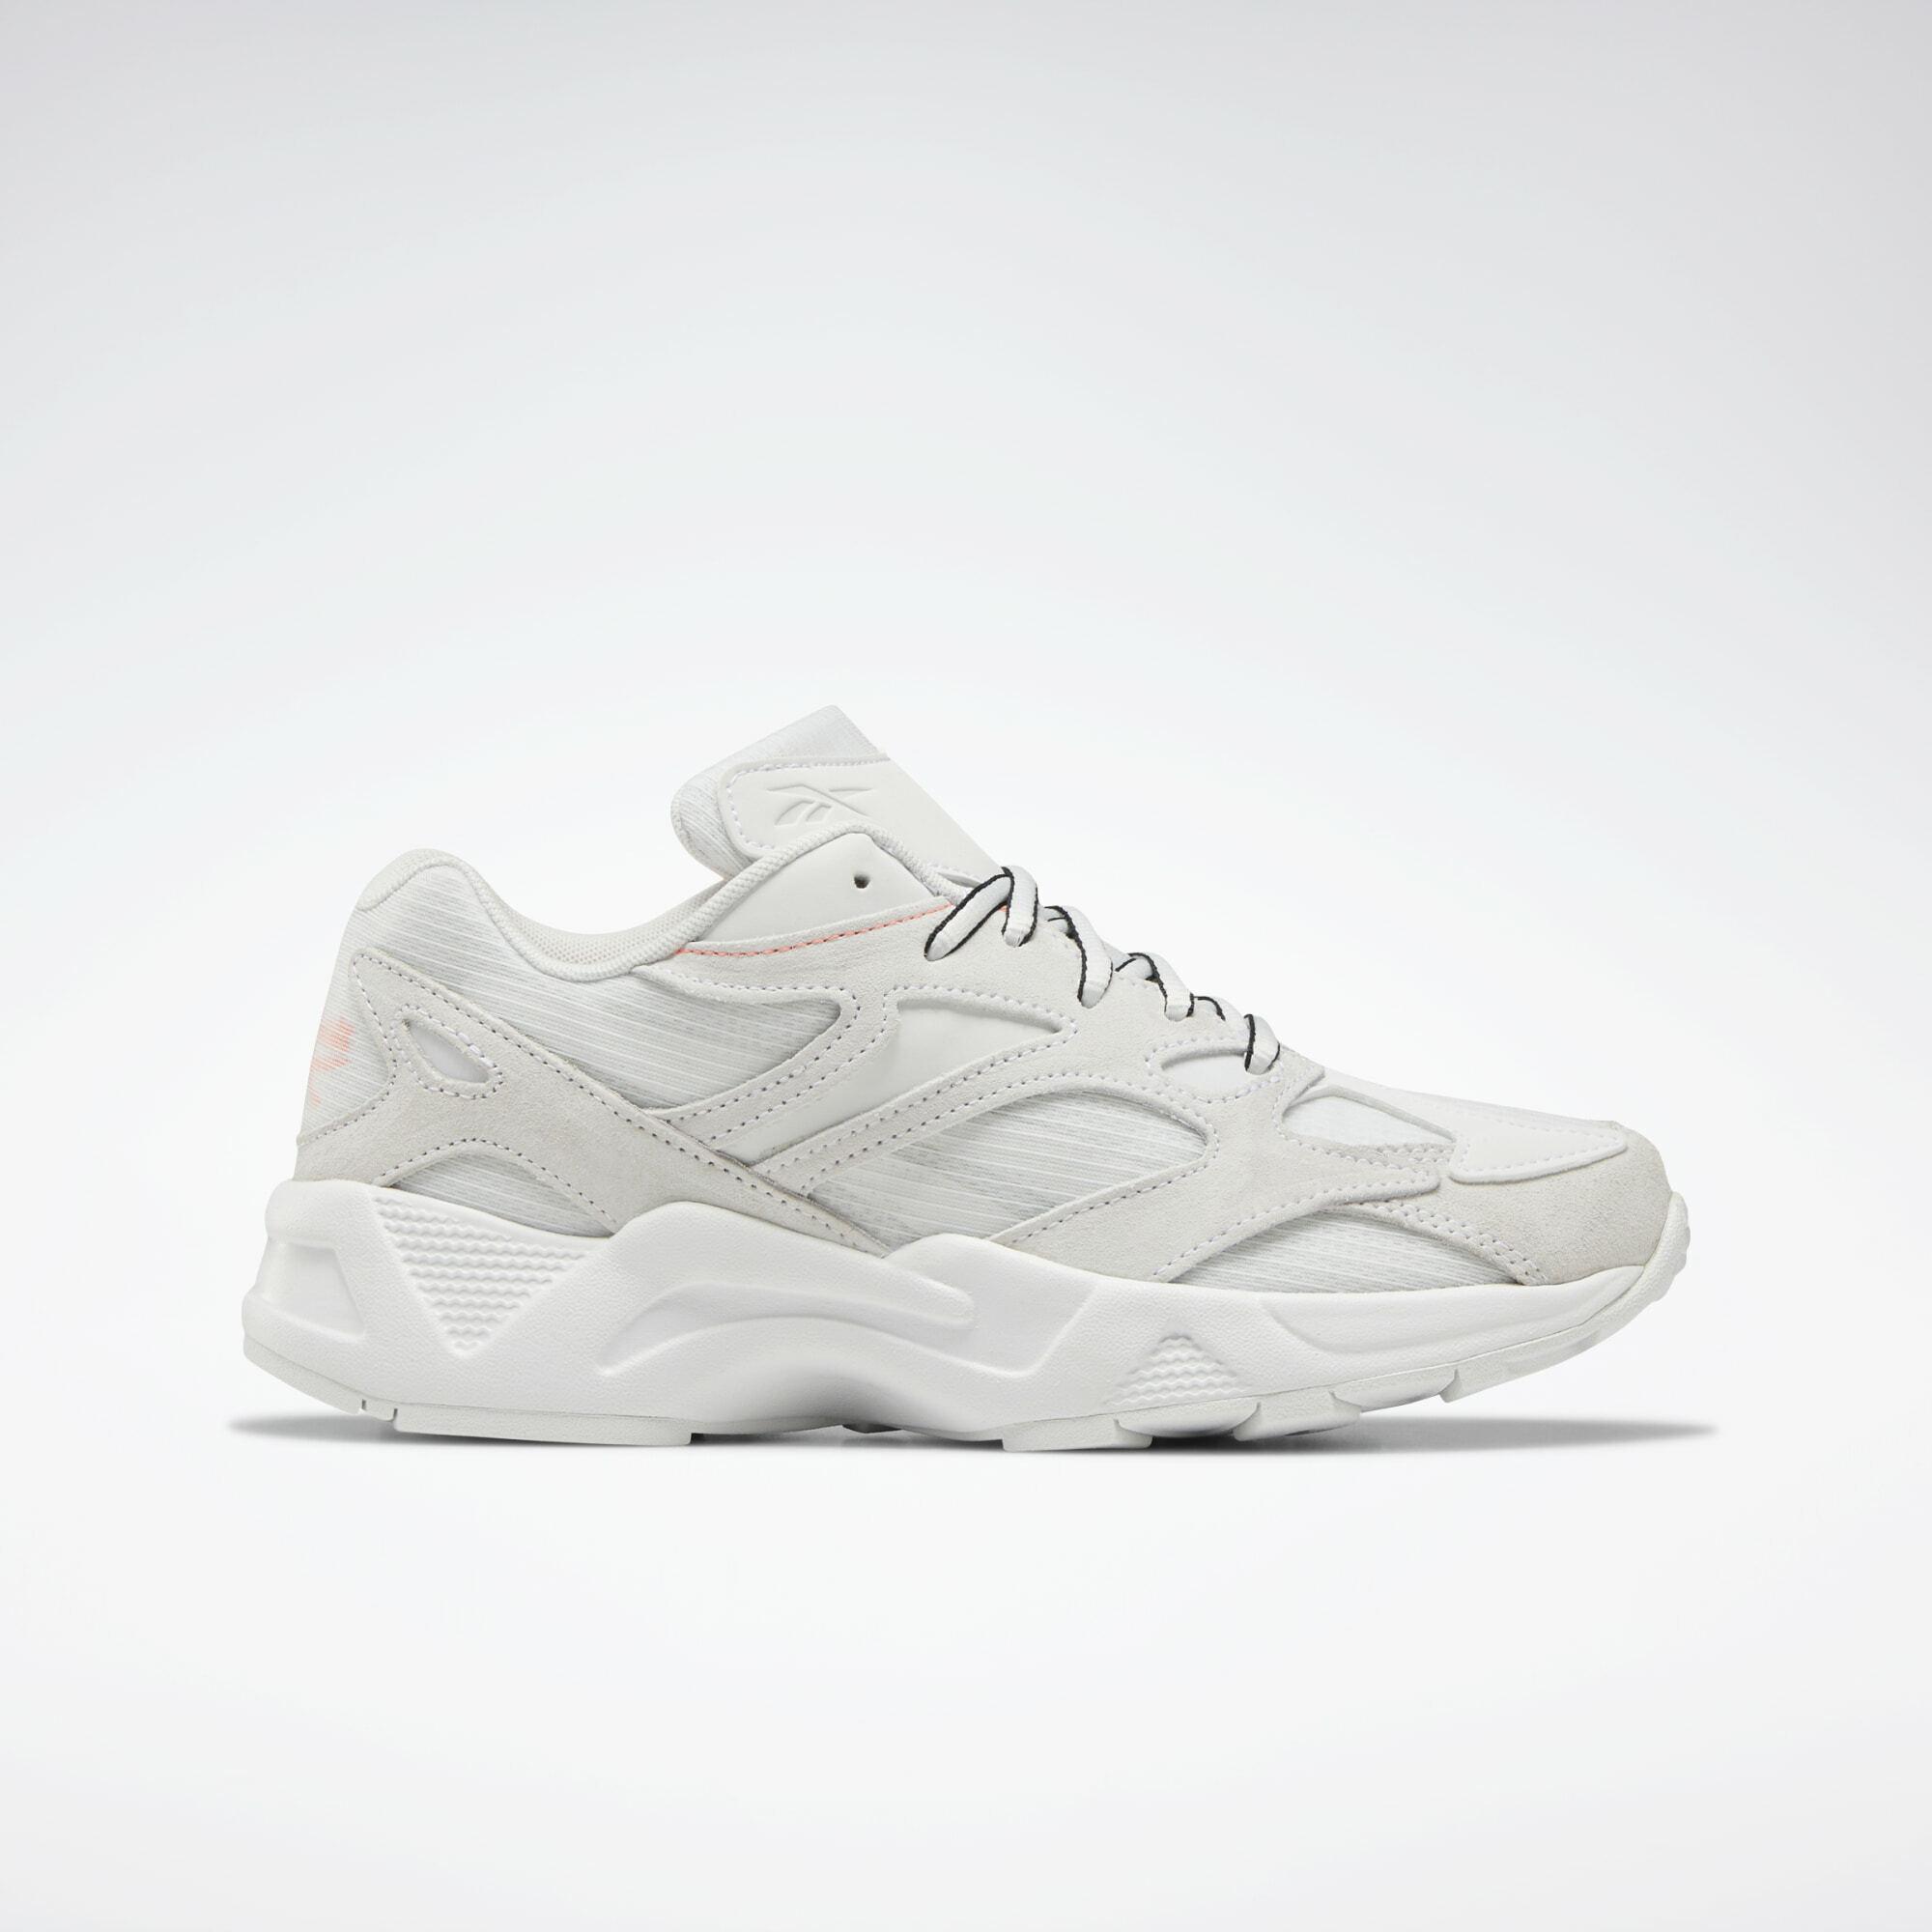 Aztrek 96 Translucent Shoes